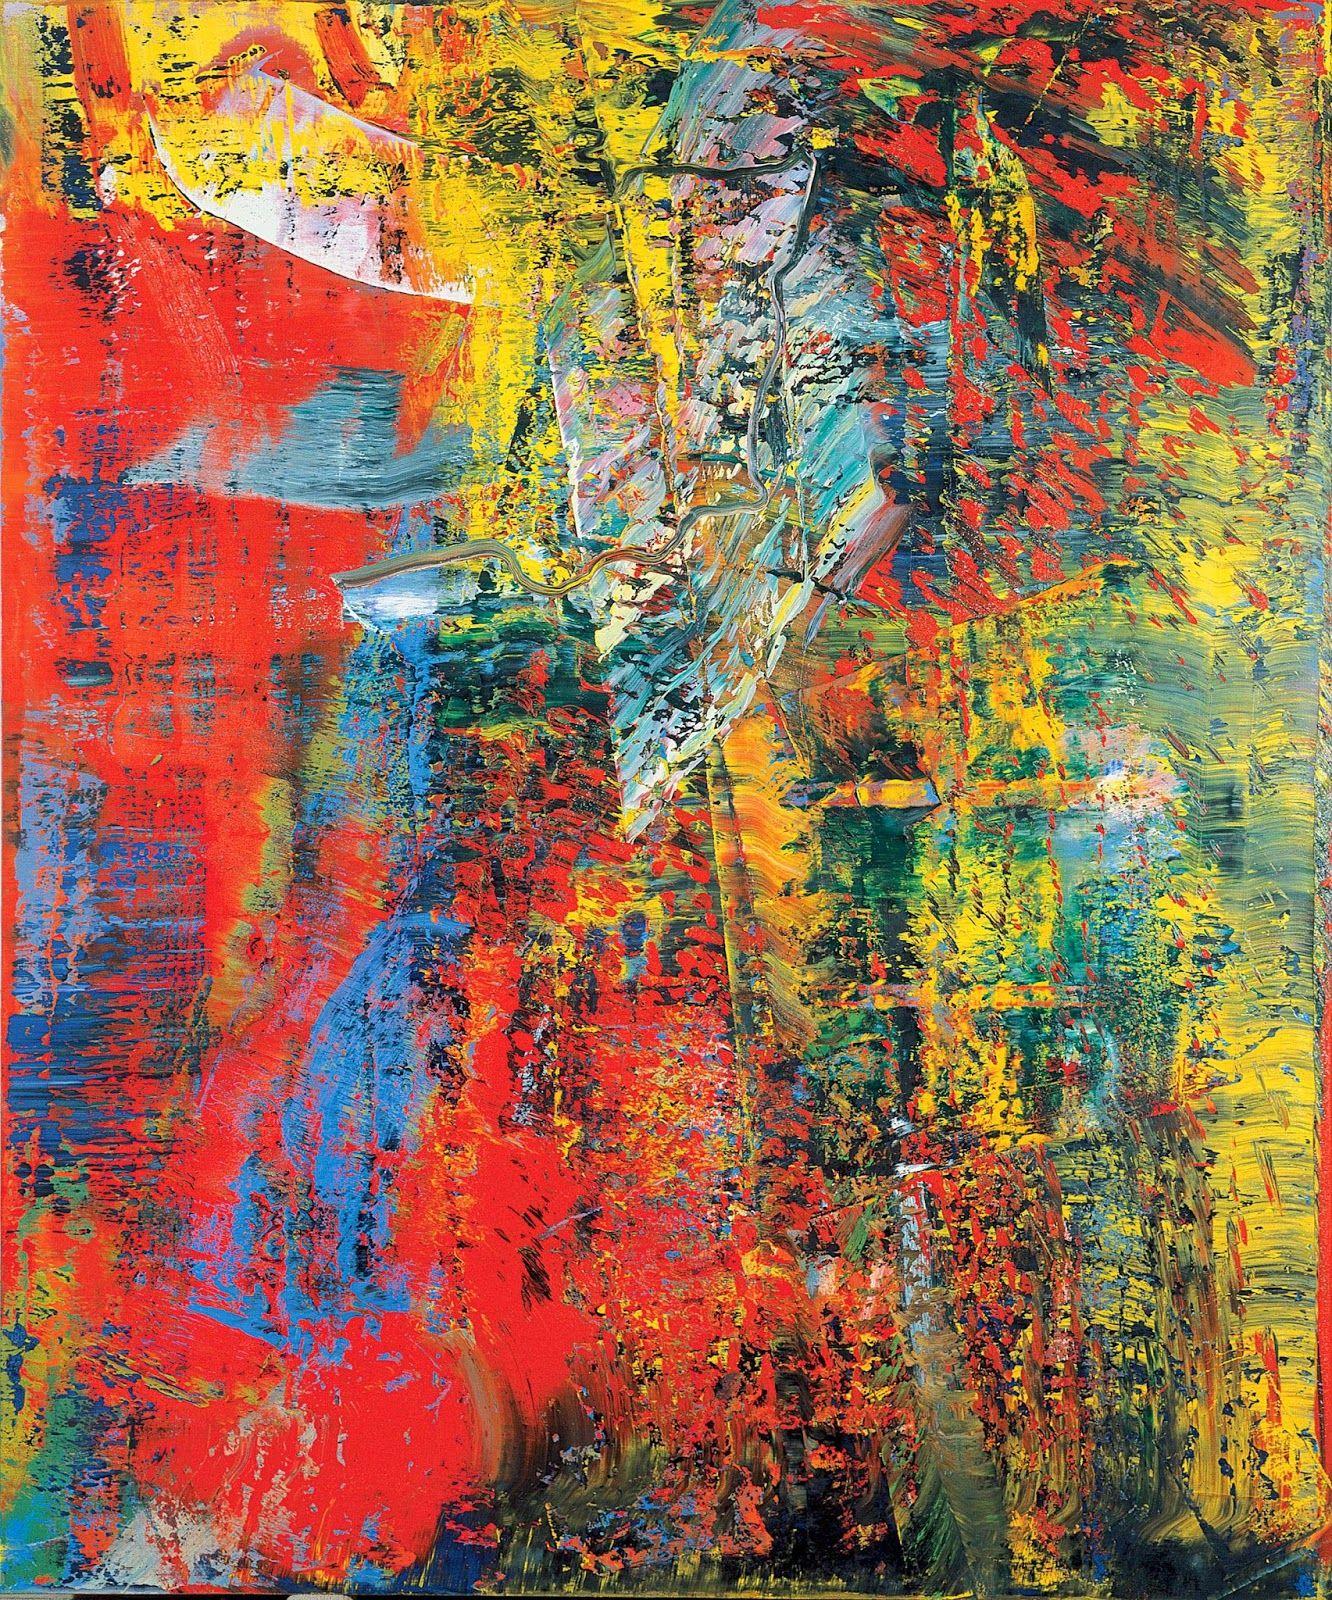 art gerhard richter fondation beyeler moderne abstrakte kunst malerei kunstproduktion bilder für wohnzimmer abstraktes bild schwarz weiß